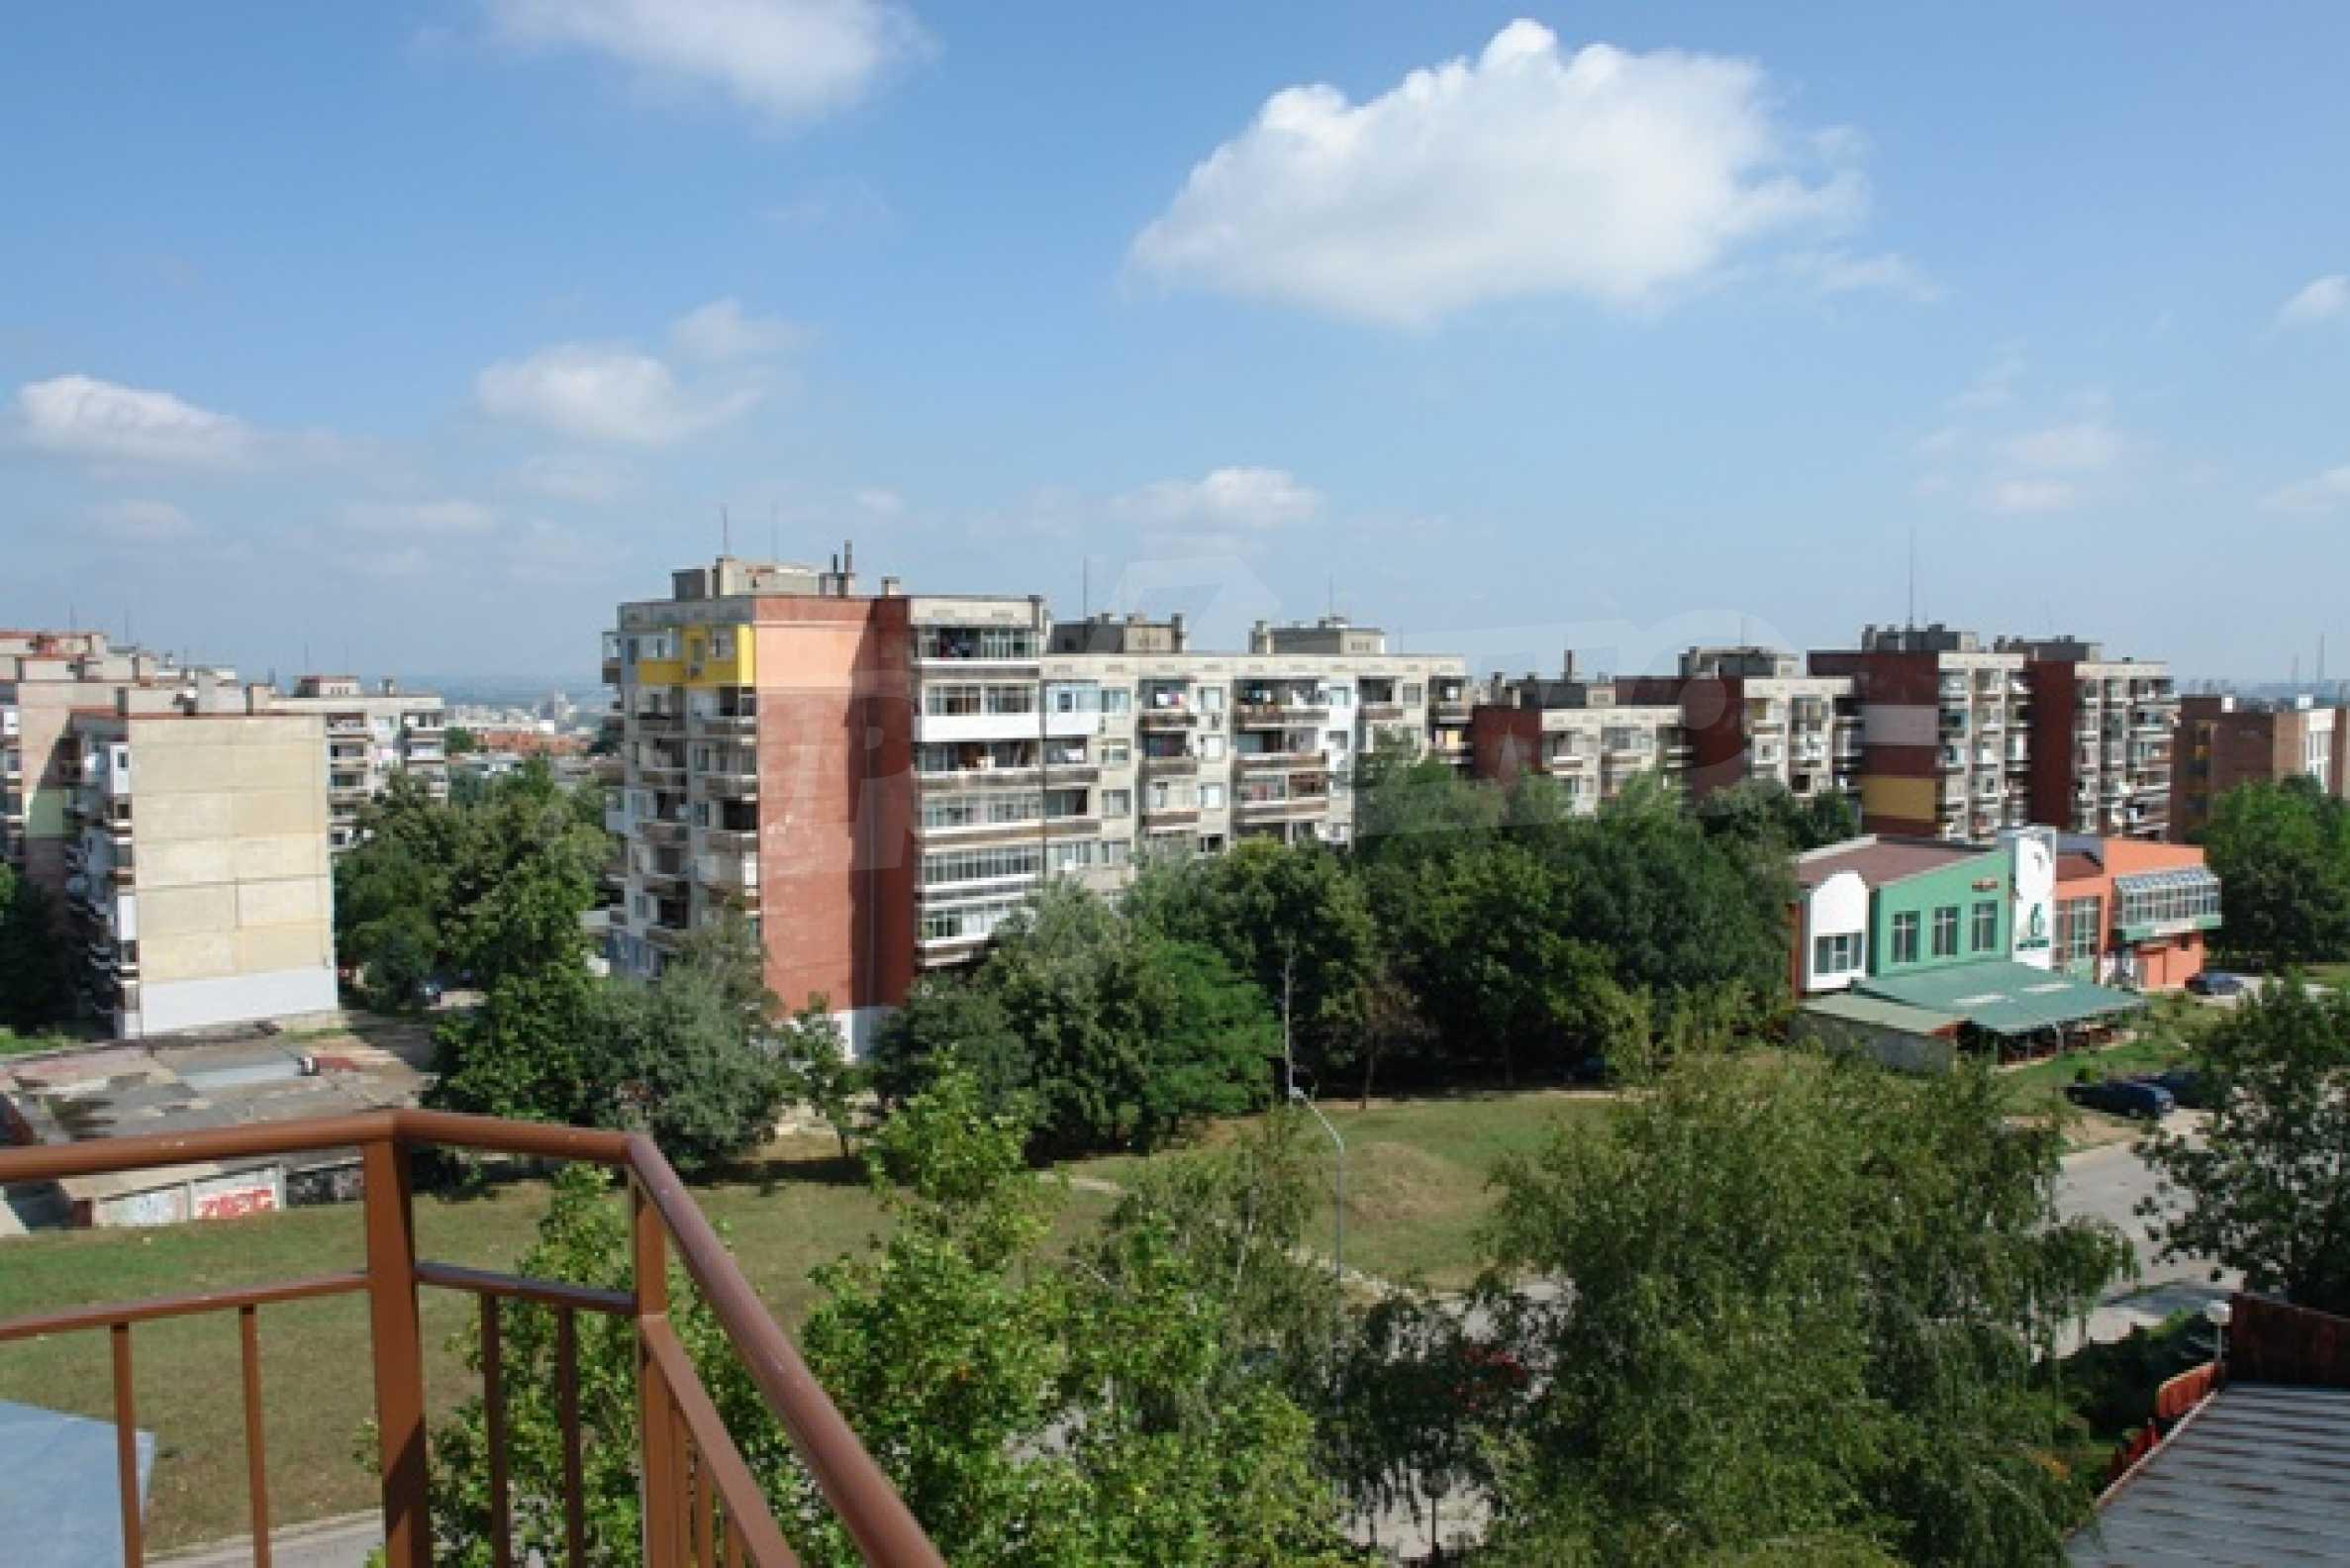 Тристаен апартамент в Русе с невероятна панорама към града 27